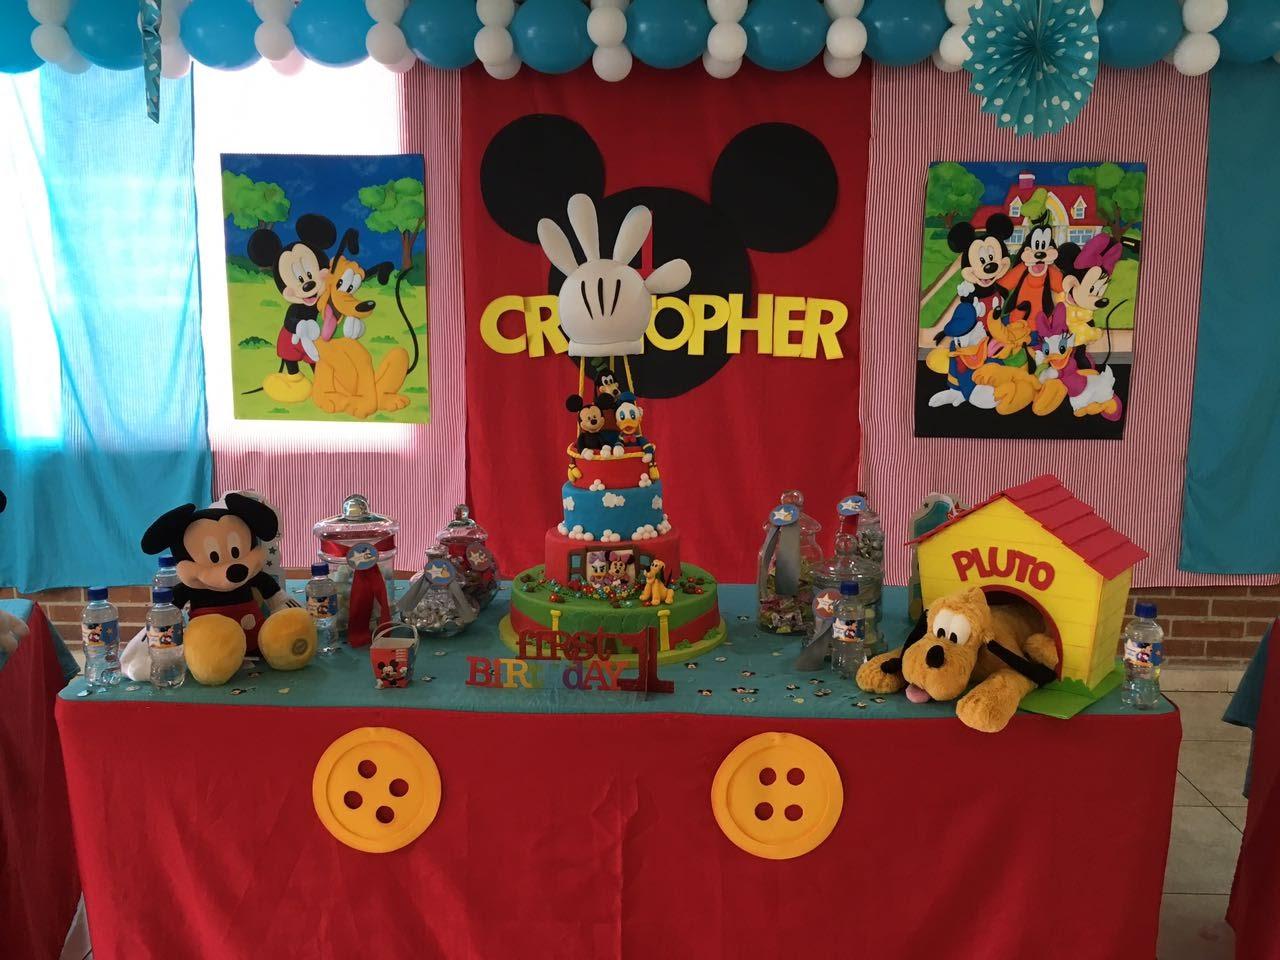 Decoracion fiesta 1 a ito mickey decoraciones tematicas - Decoracion primer cumpleanos ...